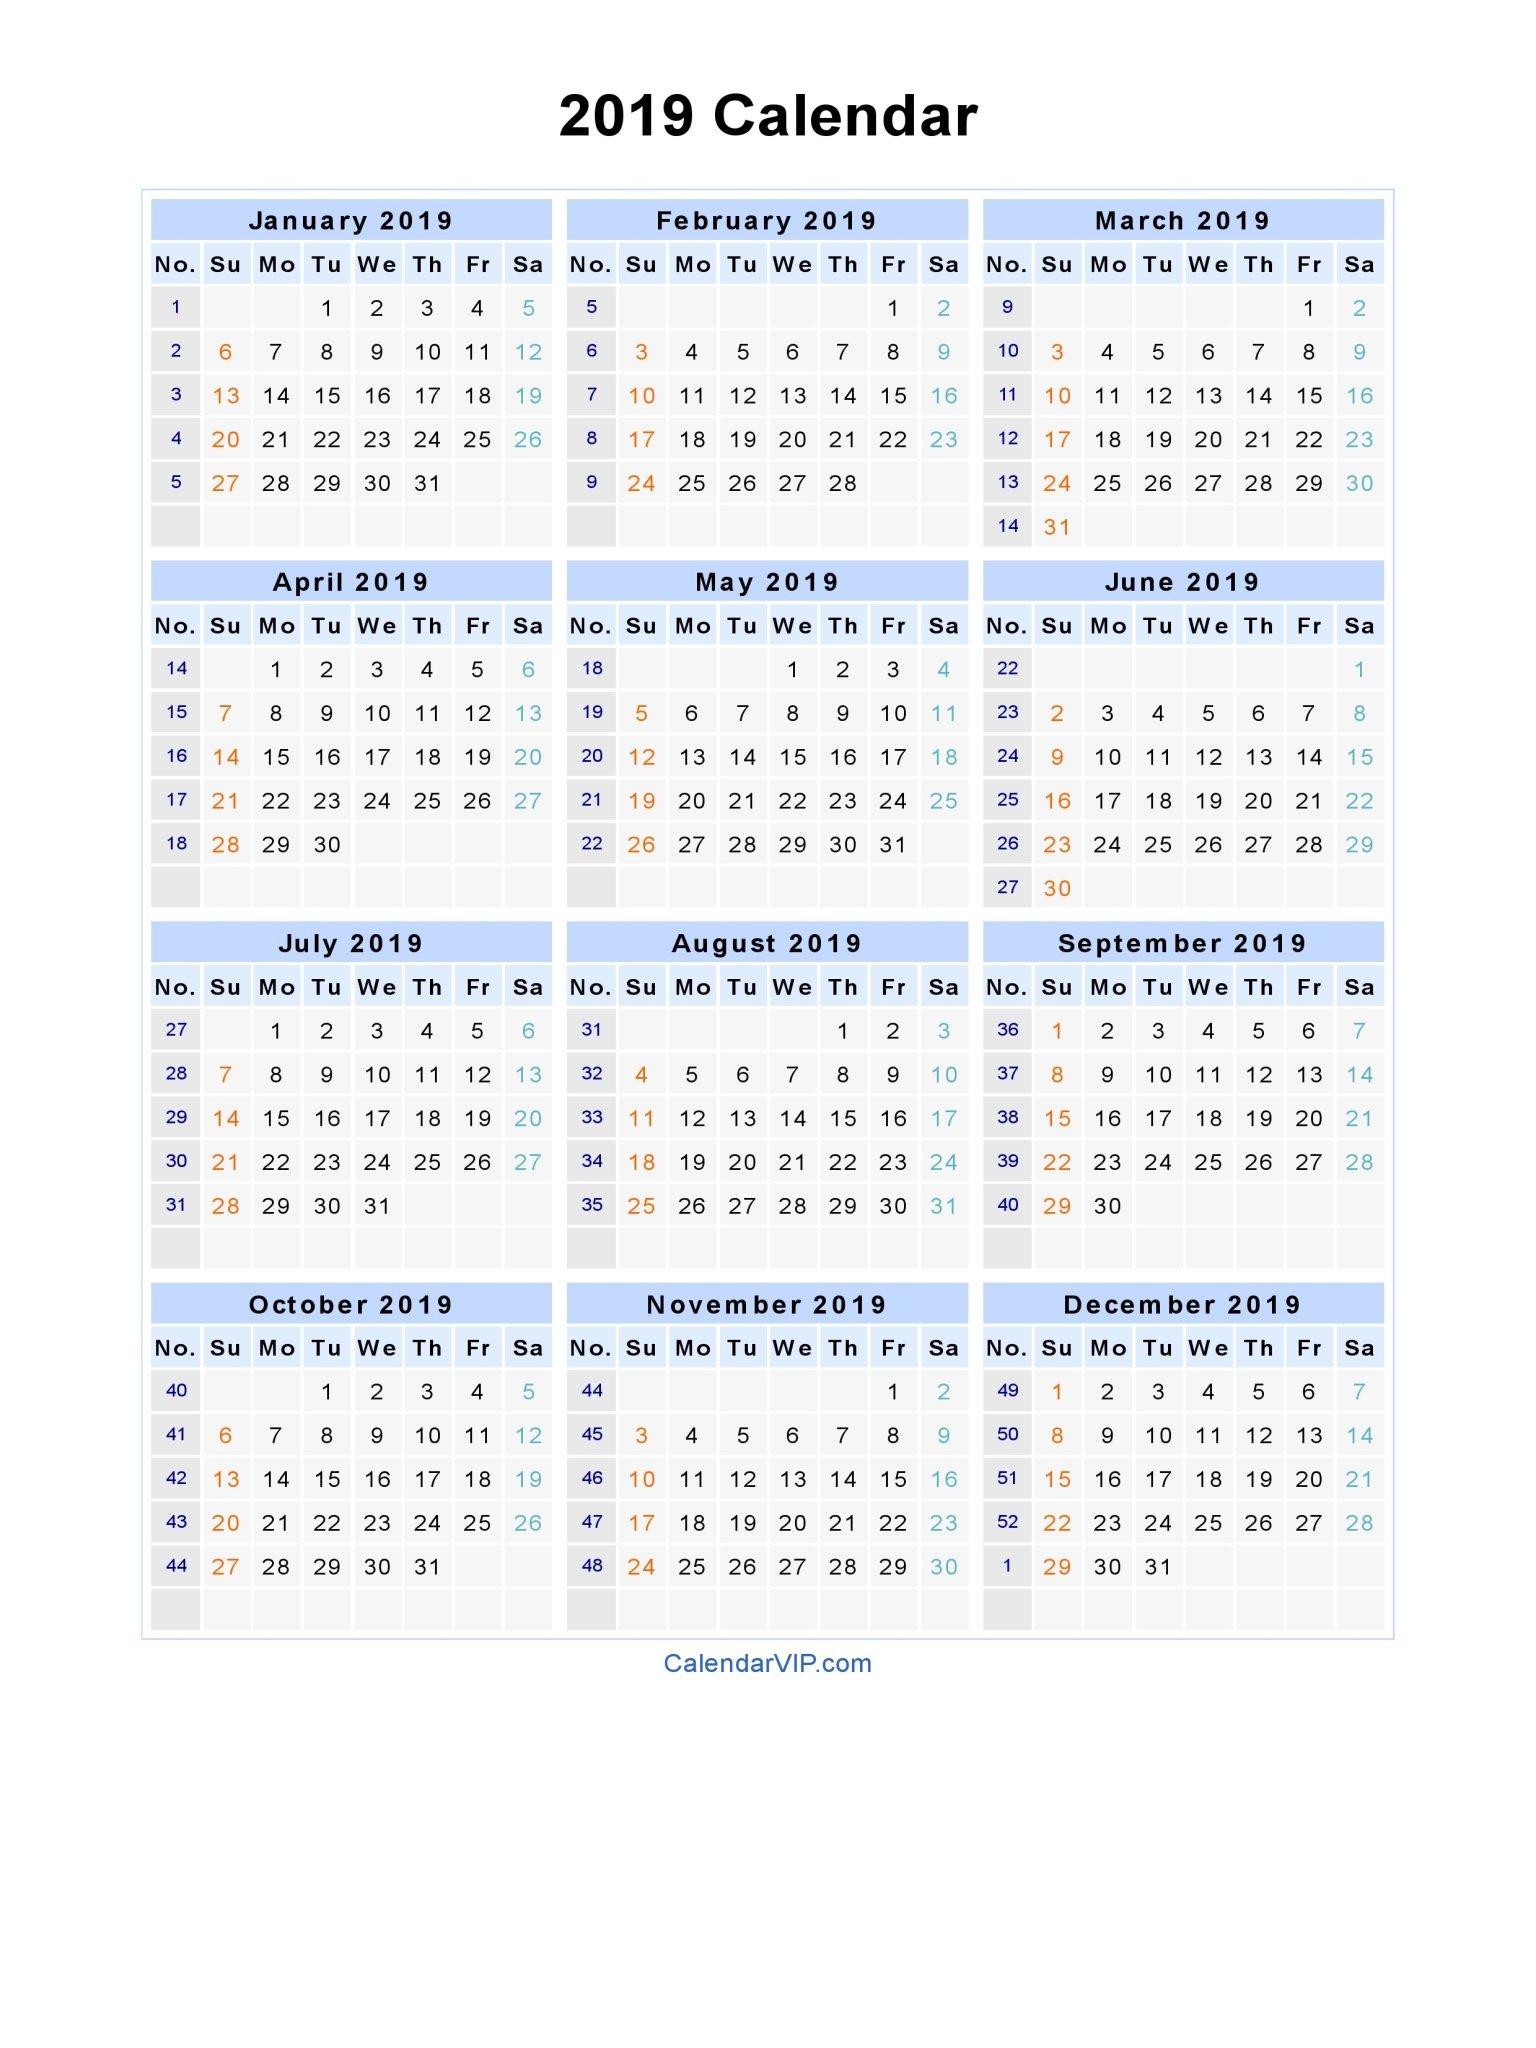 2019 Calendar - Blank Printable Calendar Template In Pdf Word Excel Calendar 2019 Weeks